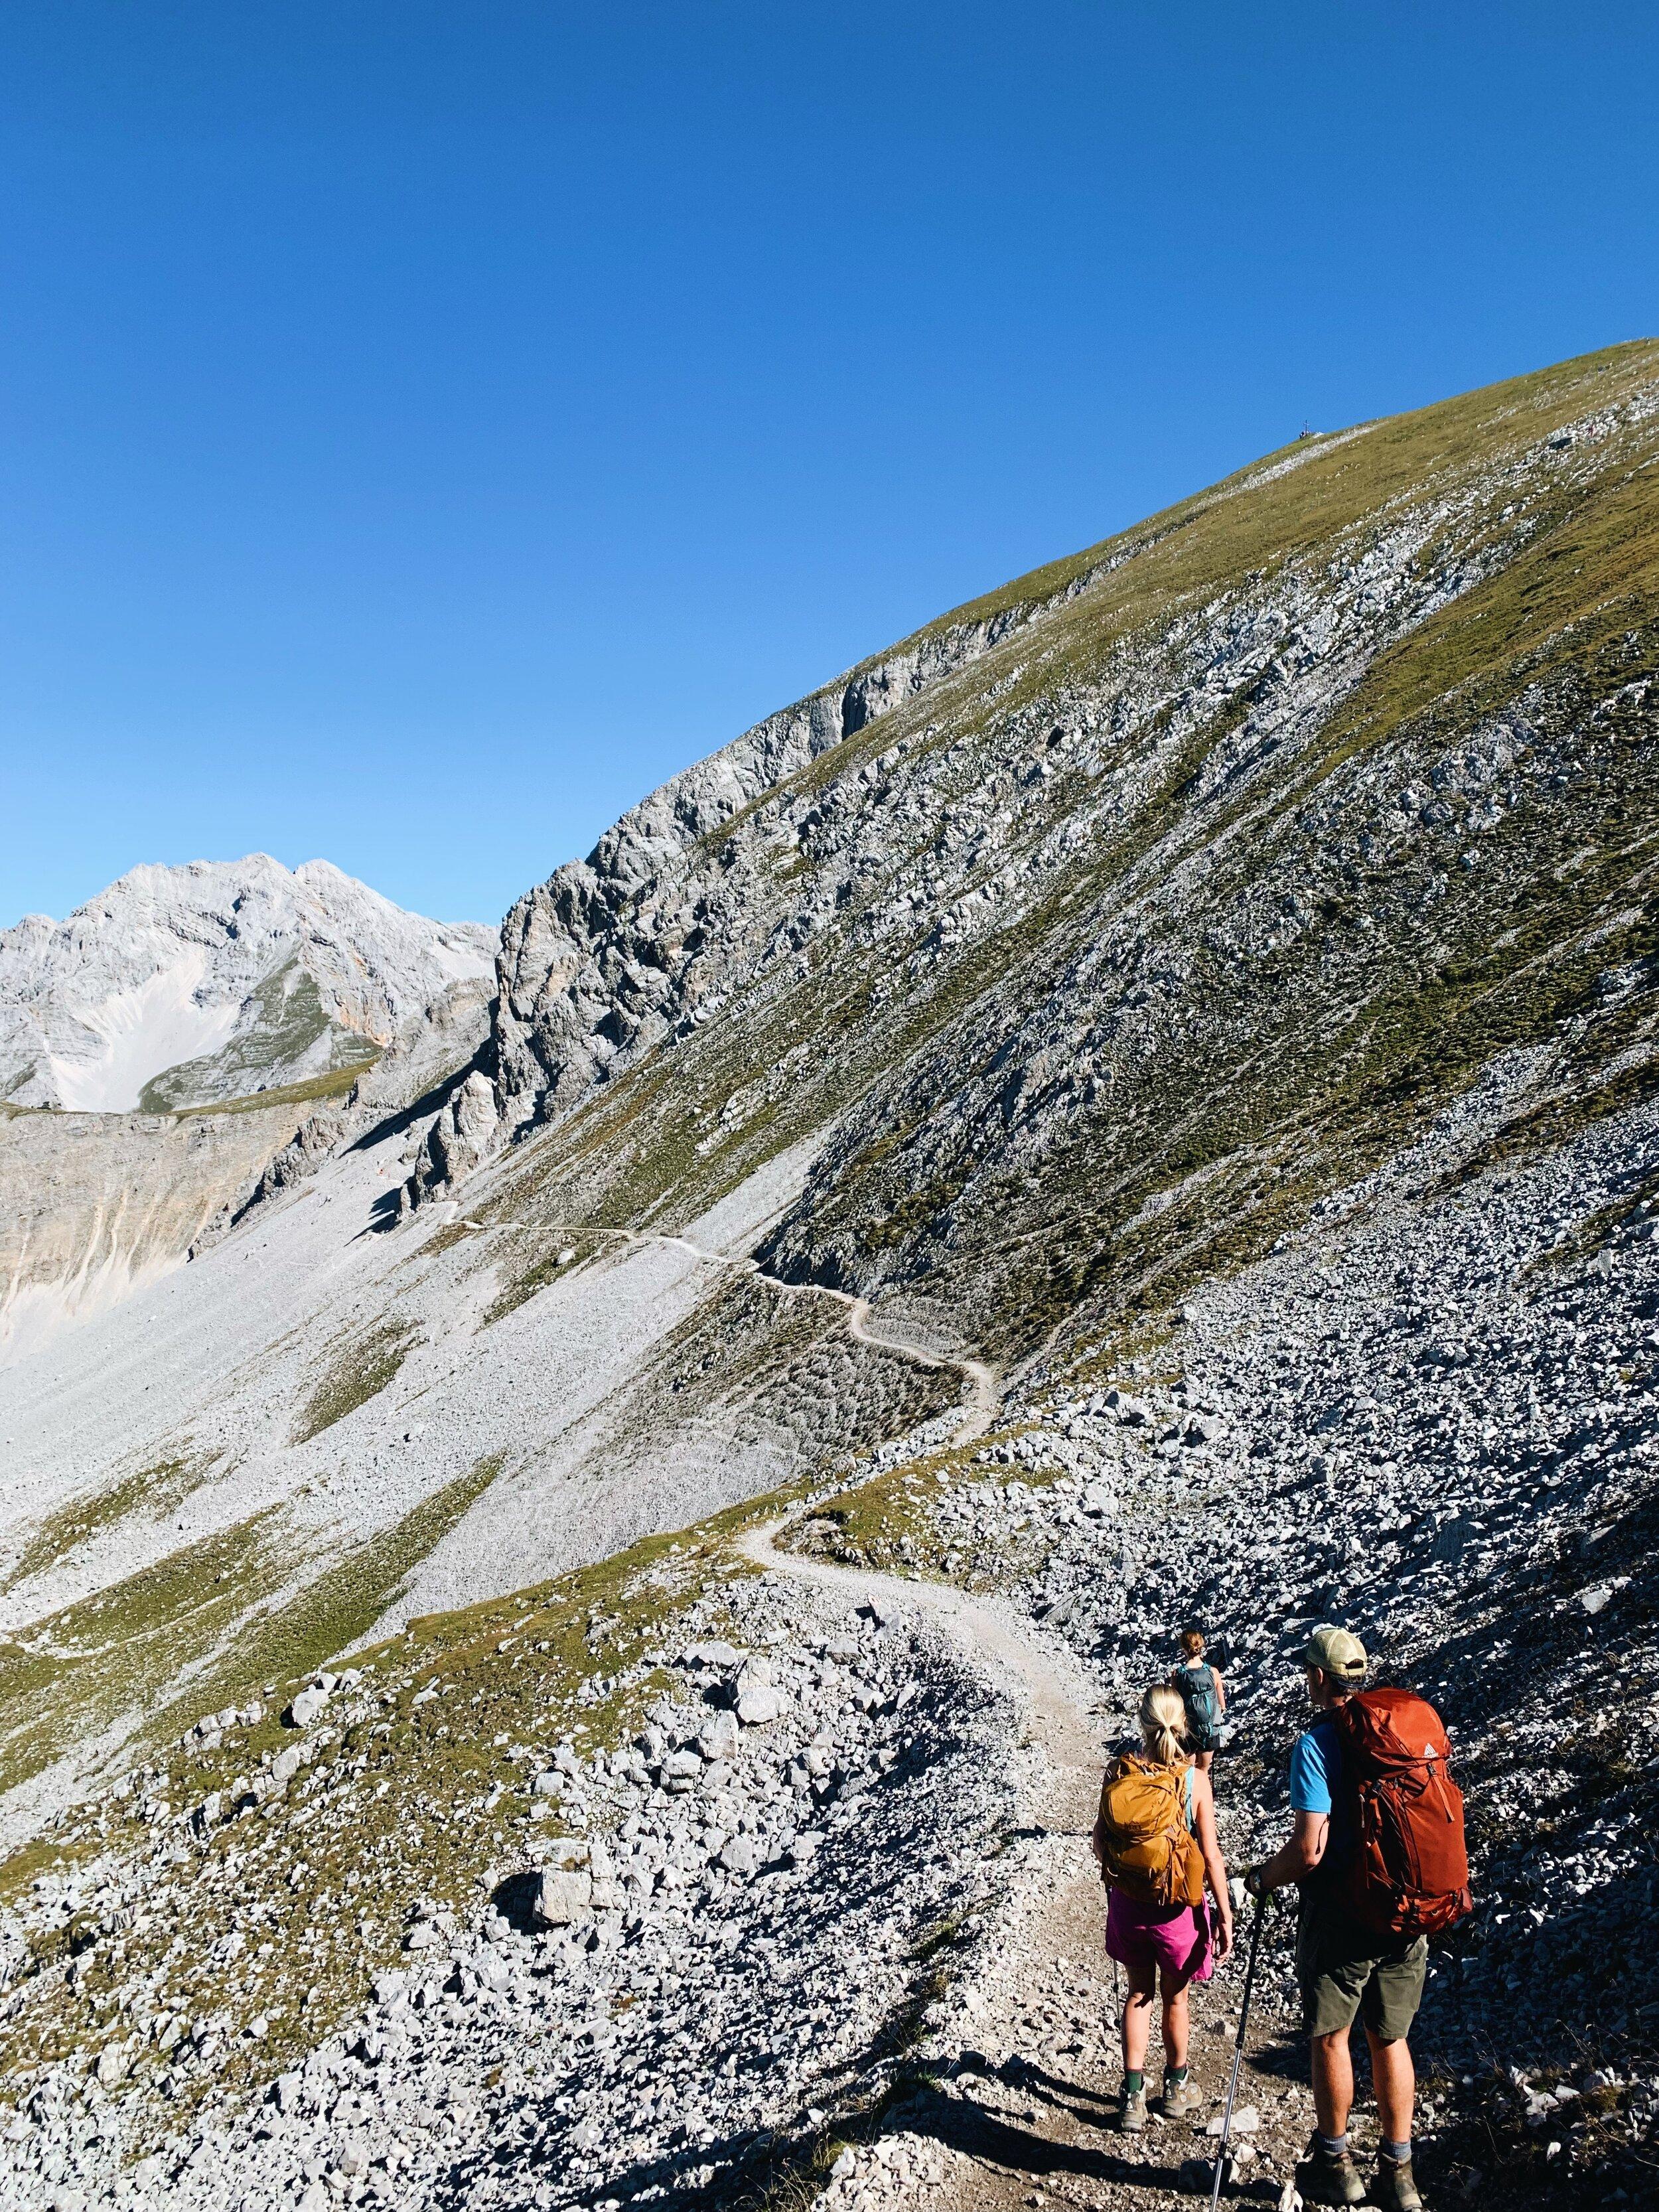 The rocky trek from Innsbruck to Pfeishutte.